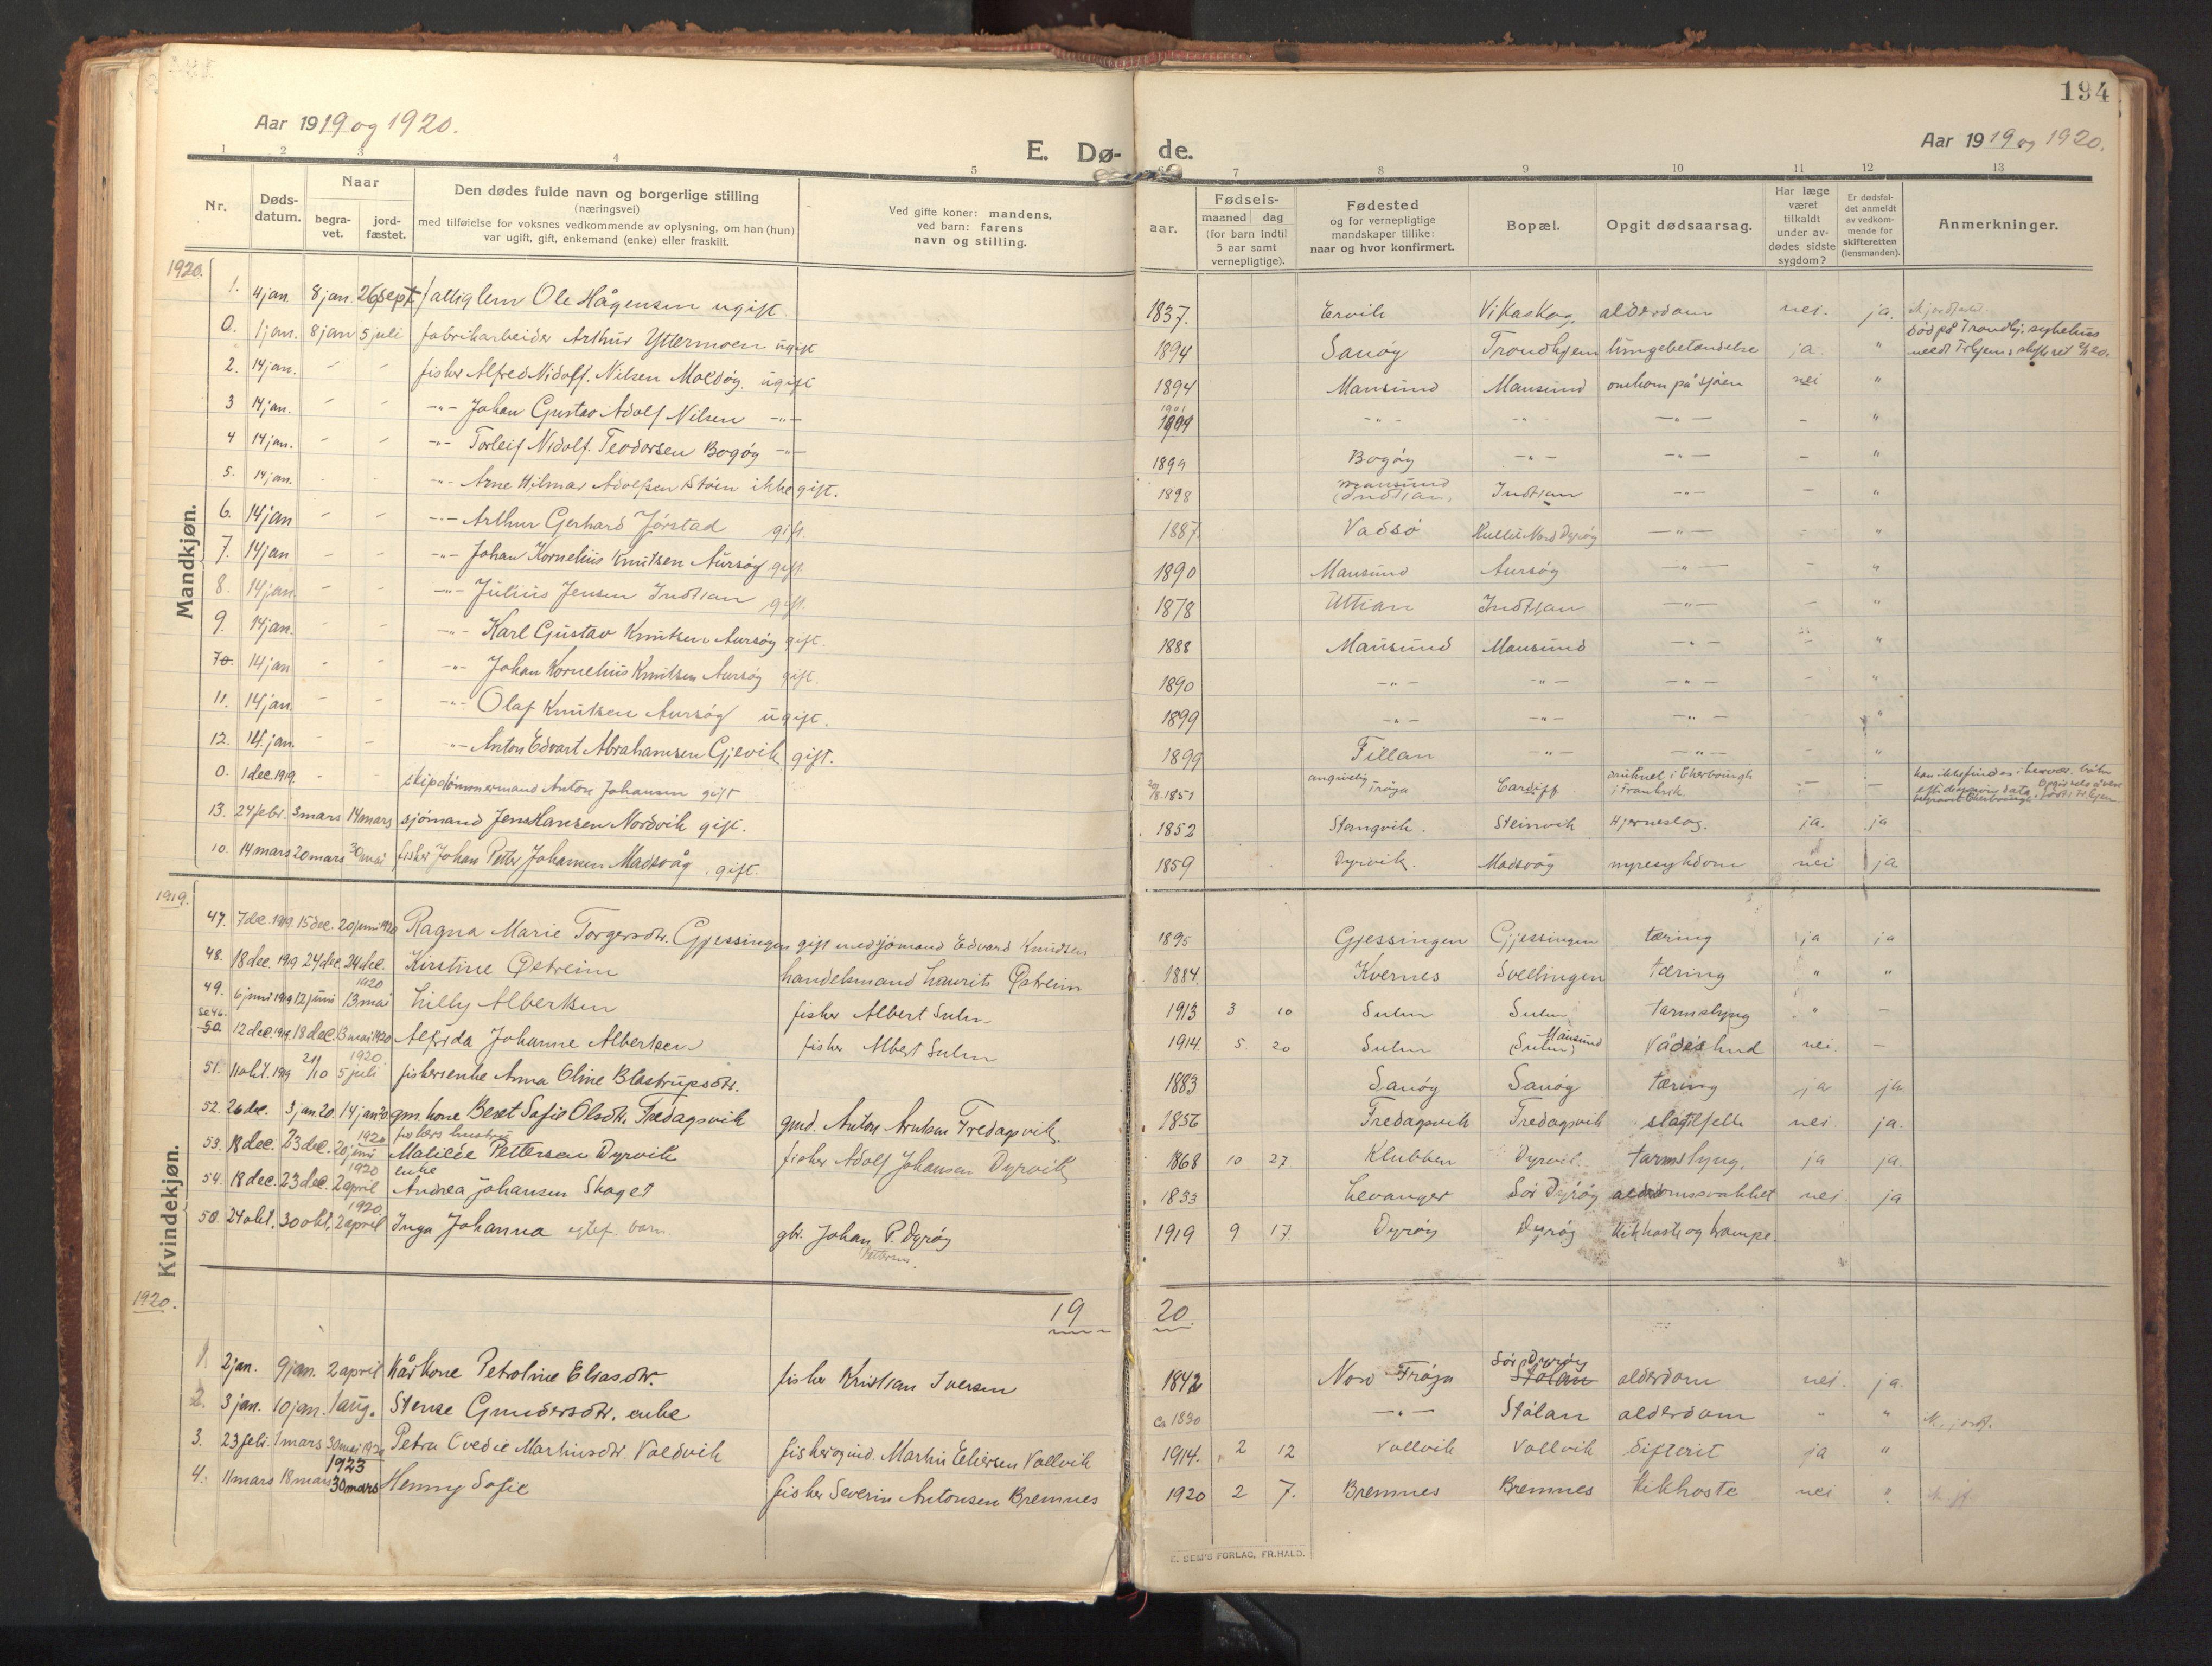 SAT, Ministerialprotokoller, klokkerbøker og fødselsregistre - Sør-Trøndelag, 640/L0581: Ministerialbok nr. 640A06, 1910-1924, s. 194